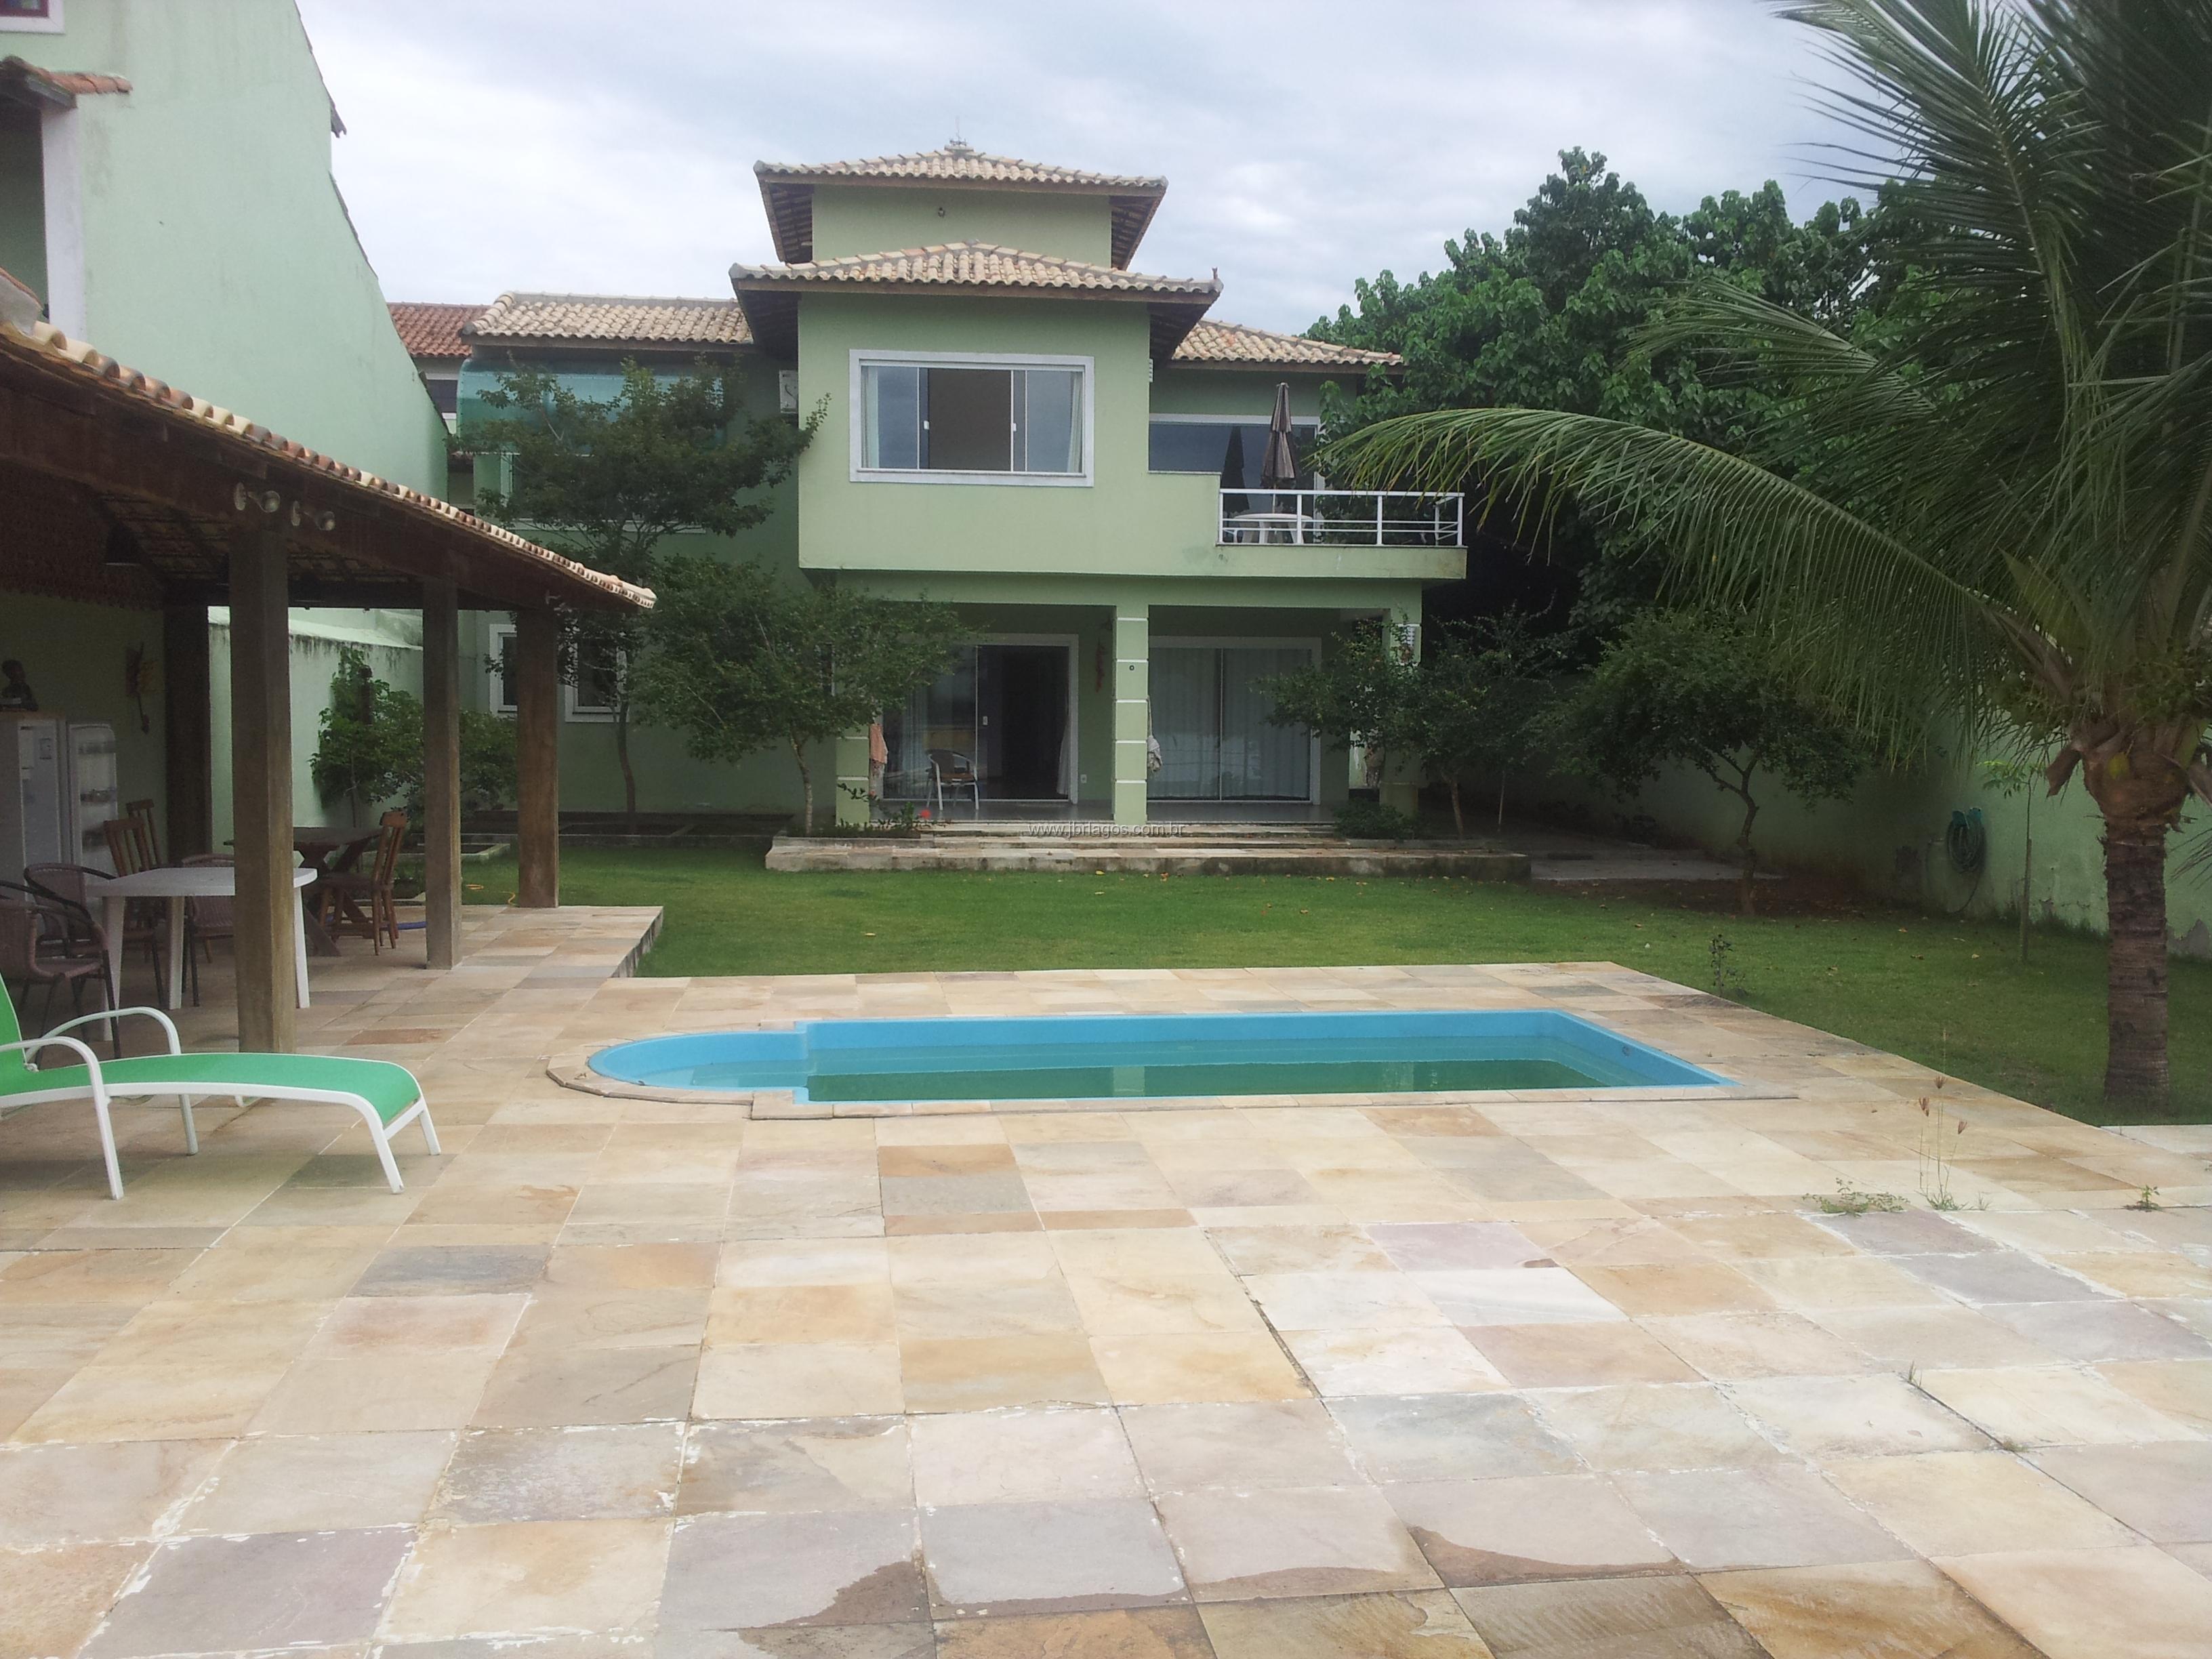 Casa independente, luxuosa, com rampa para lancha, em terreno de 705 m², com área de lazer completa